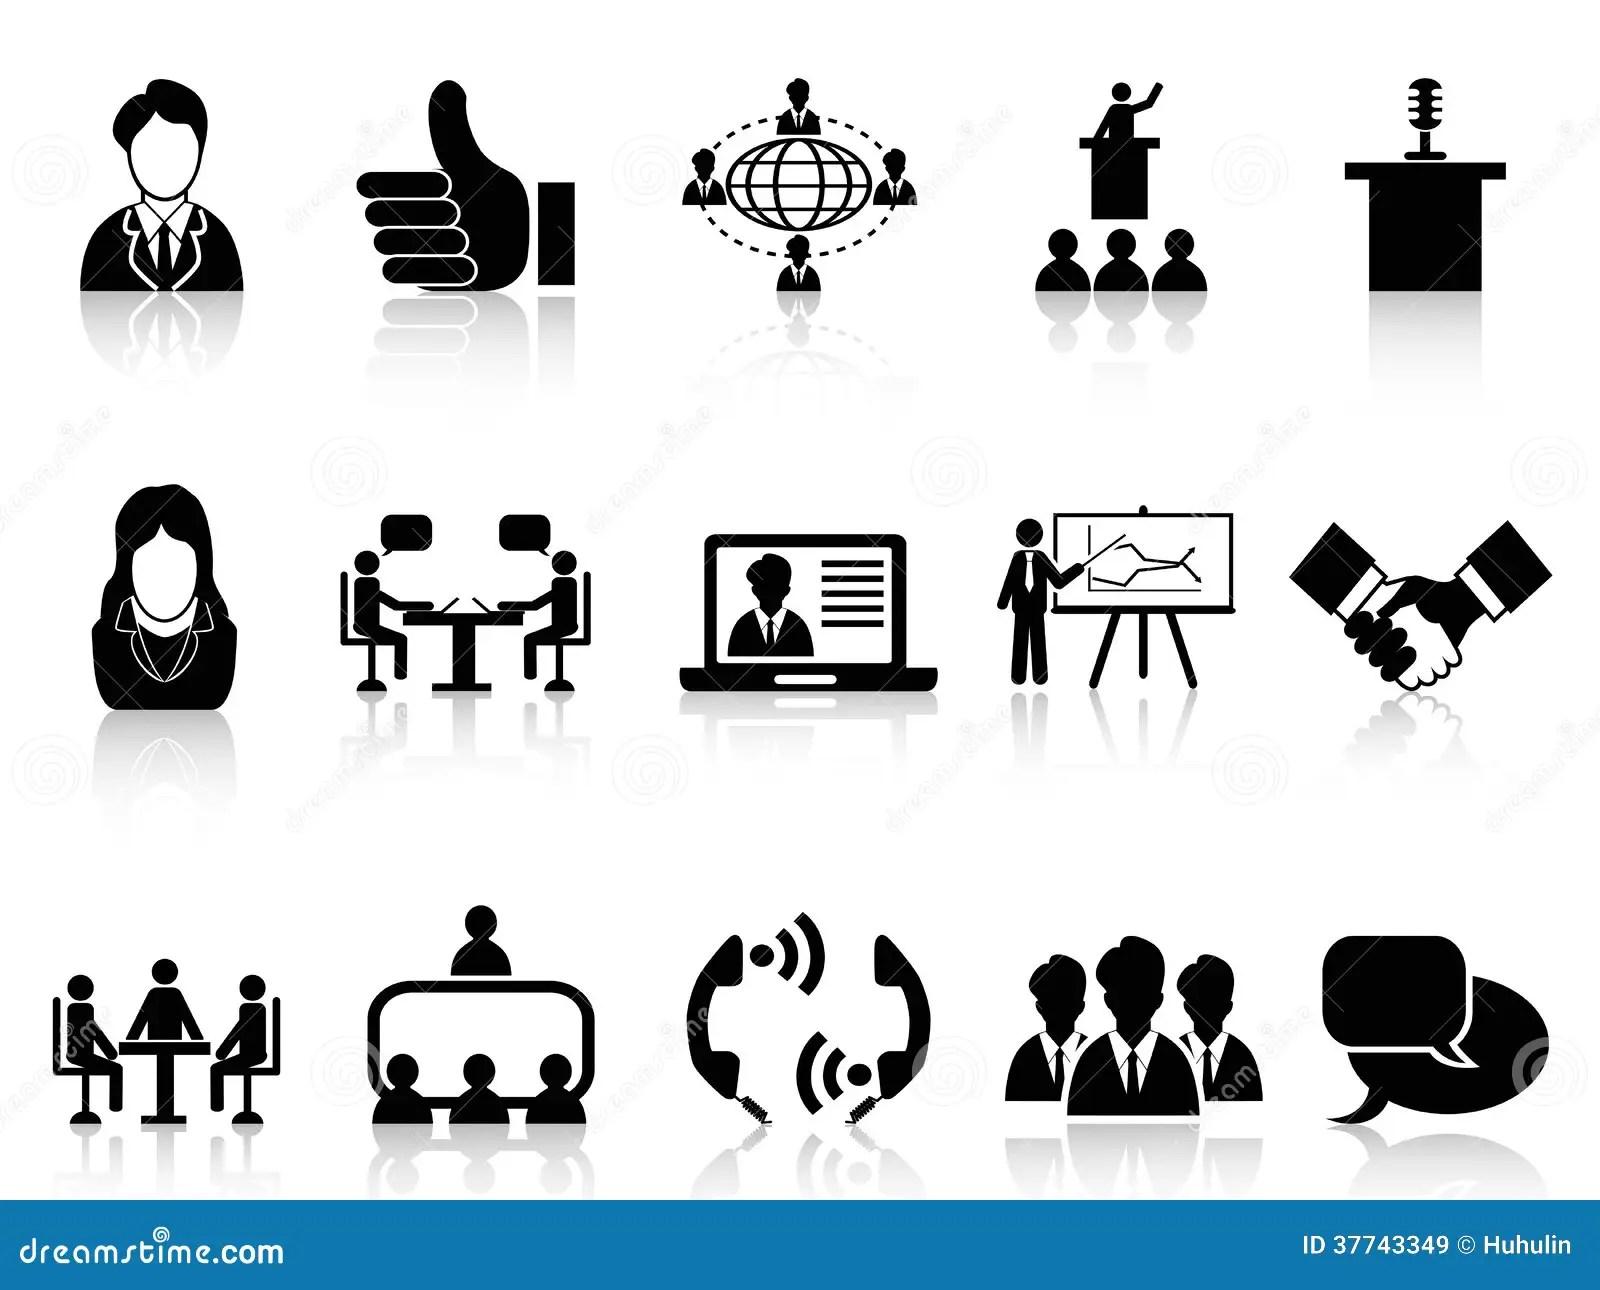 Icones De Reunion D Affaires Reglees Images Libres De